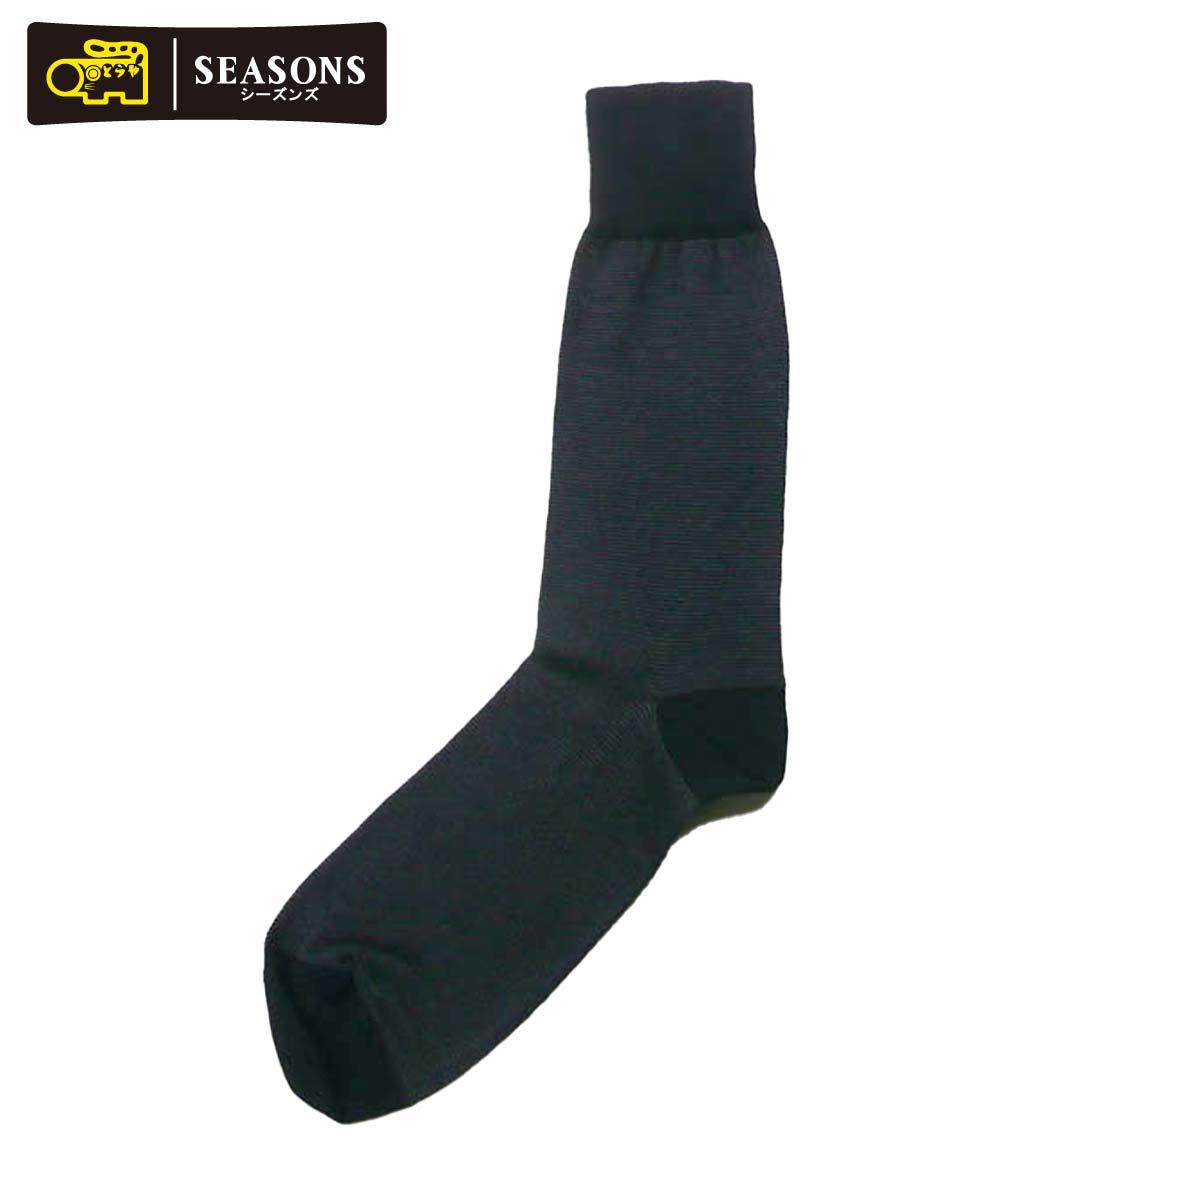 紳士ビジネスソックス(メンズソックス・メンズ靴下・男性用靴下)